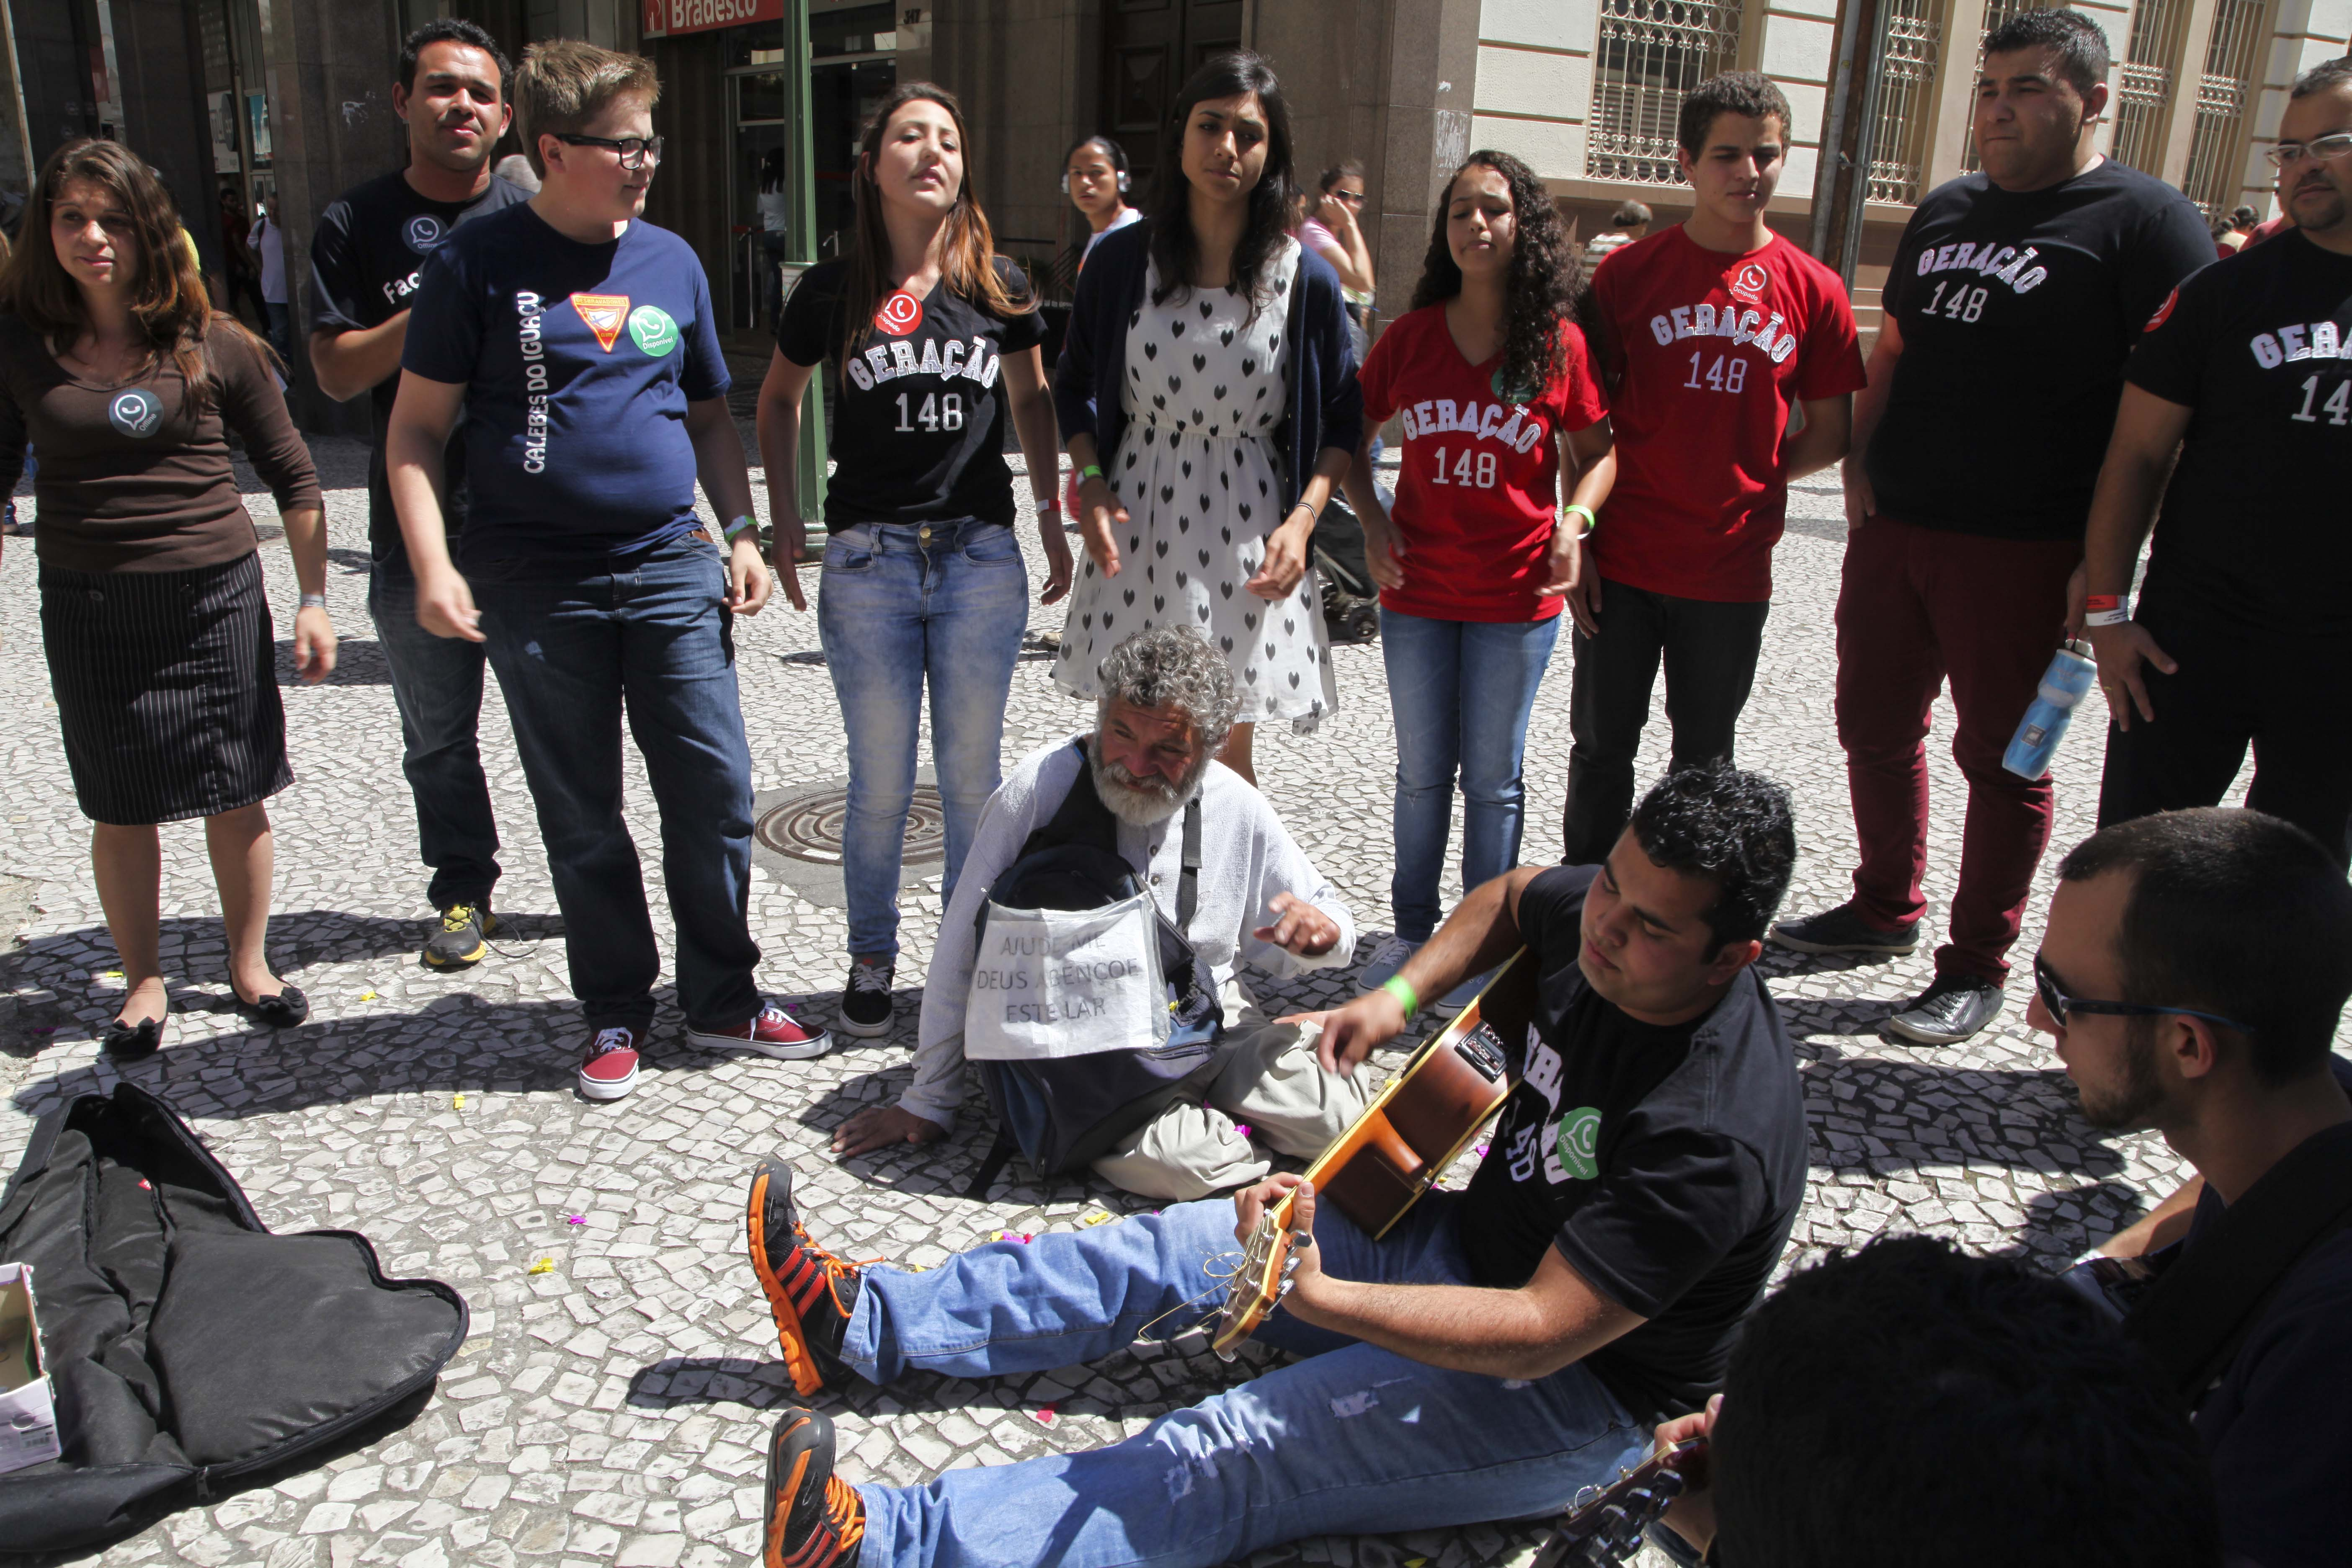 Após o grupo do Geração 148 cantar algumas música, seu Emanuel foi levado ao Congresso Jovem